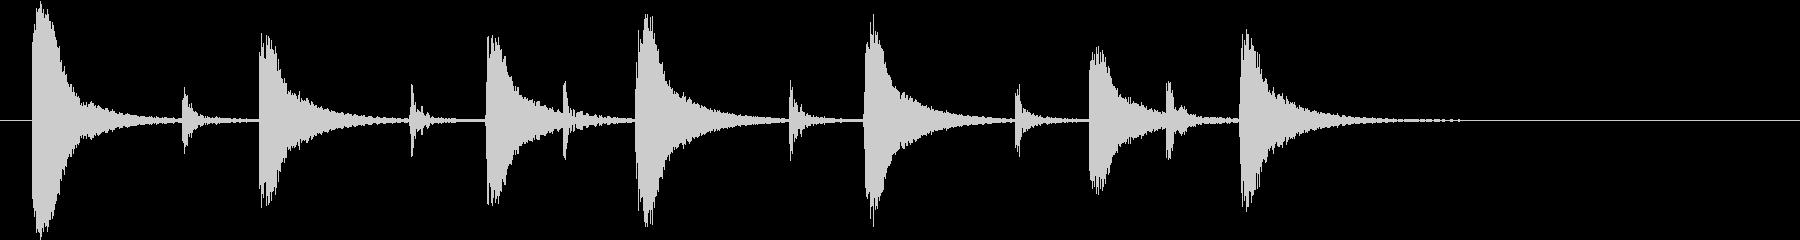 インド桶太鼓Dhol(ドール)フレーズ音の未再生の波形